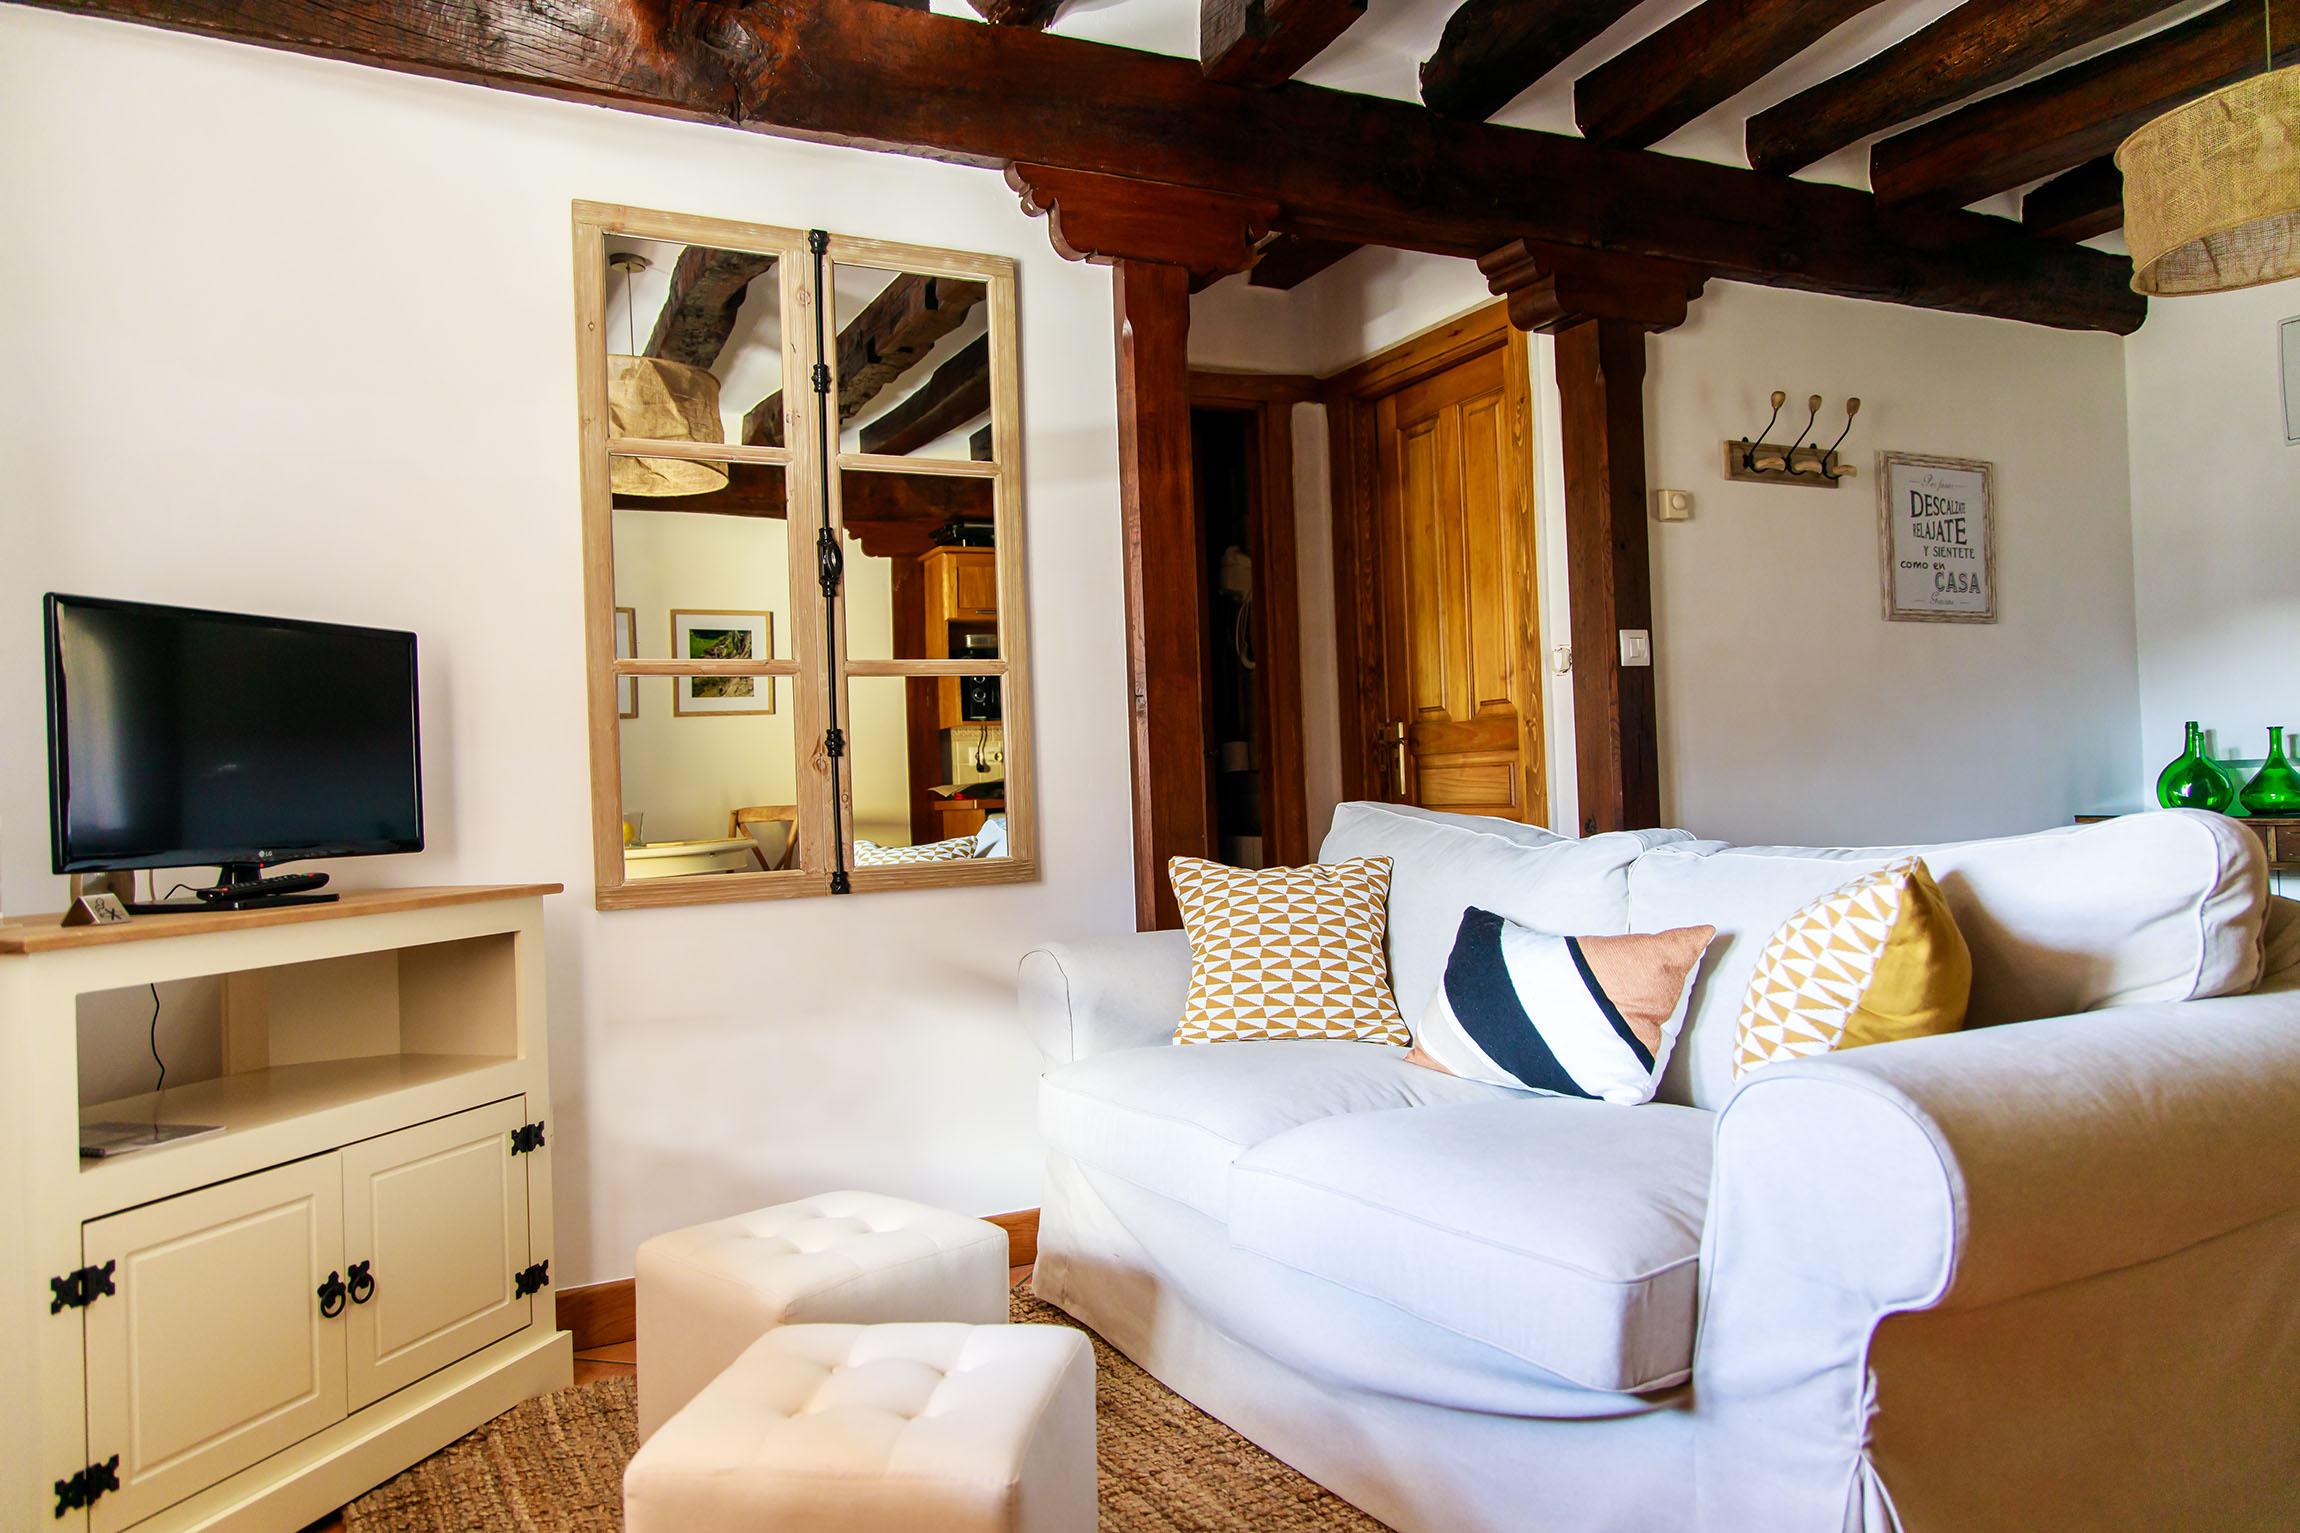 Salon apartamento en Liébana, cantabria.